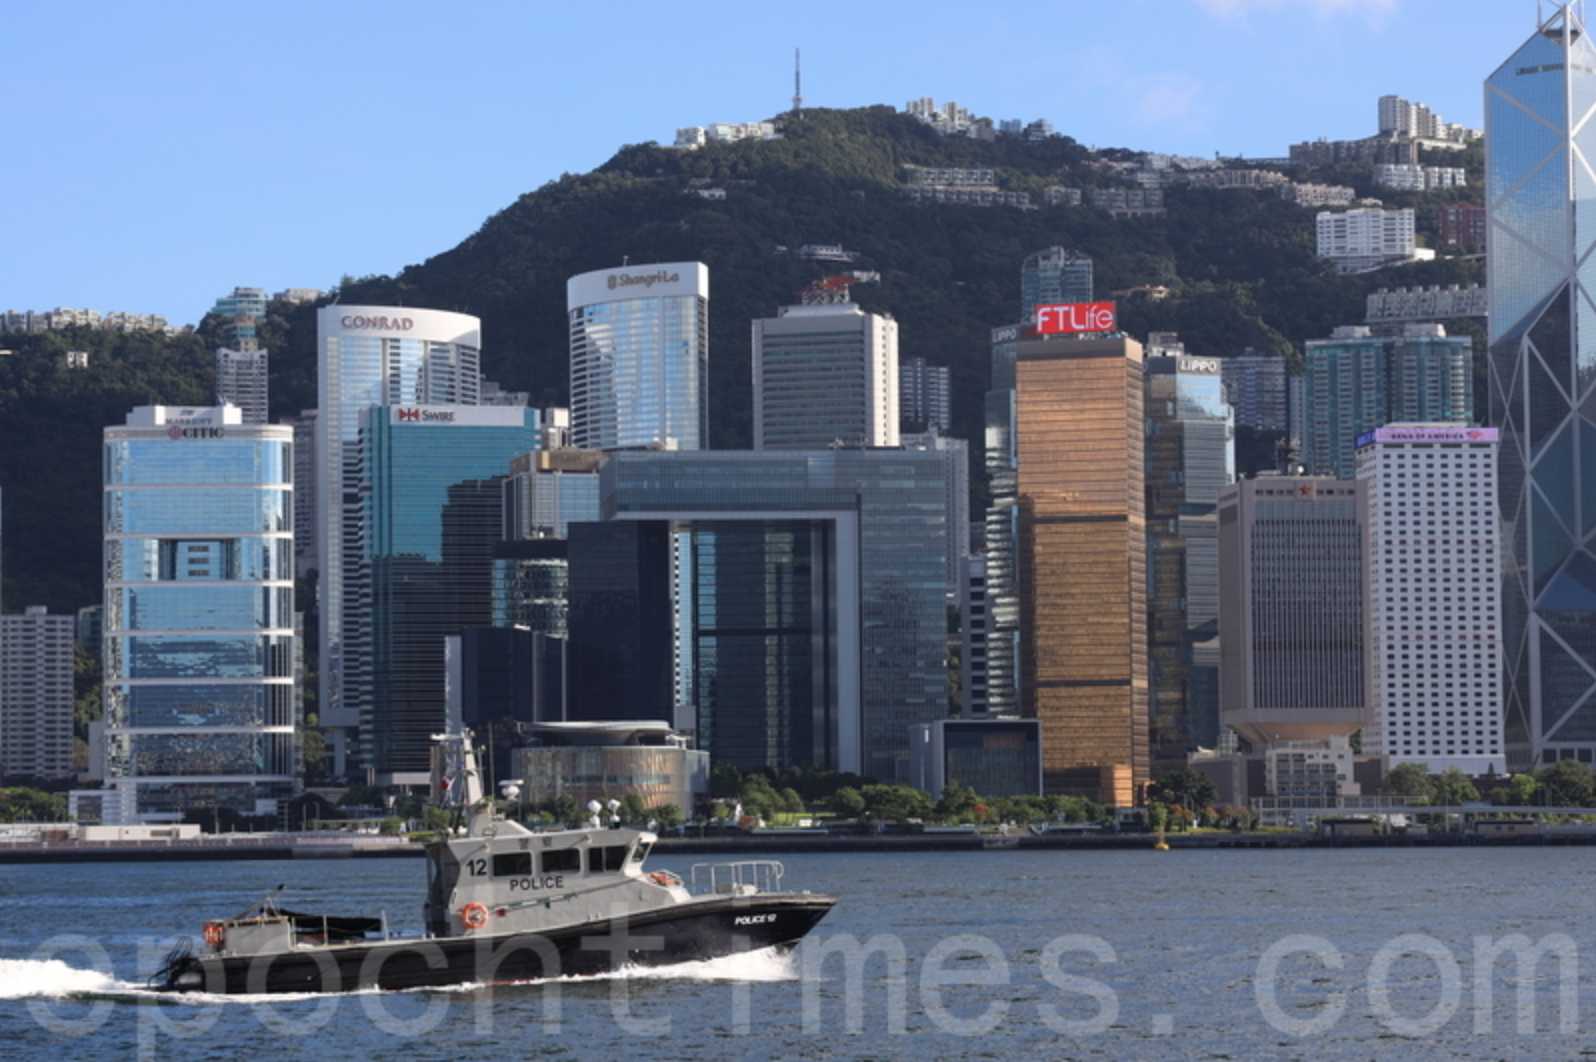 港府上月底計劃收緊公司查冊措施,引起工、商、傳媒等業界憂慮,除增大工作難度外,更造成重大監察漏洞,恐令投資者及貿易伙伴對本港營商的信心下降。圖為香港維多利亞港。(陳仲明/大紀元)